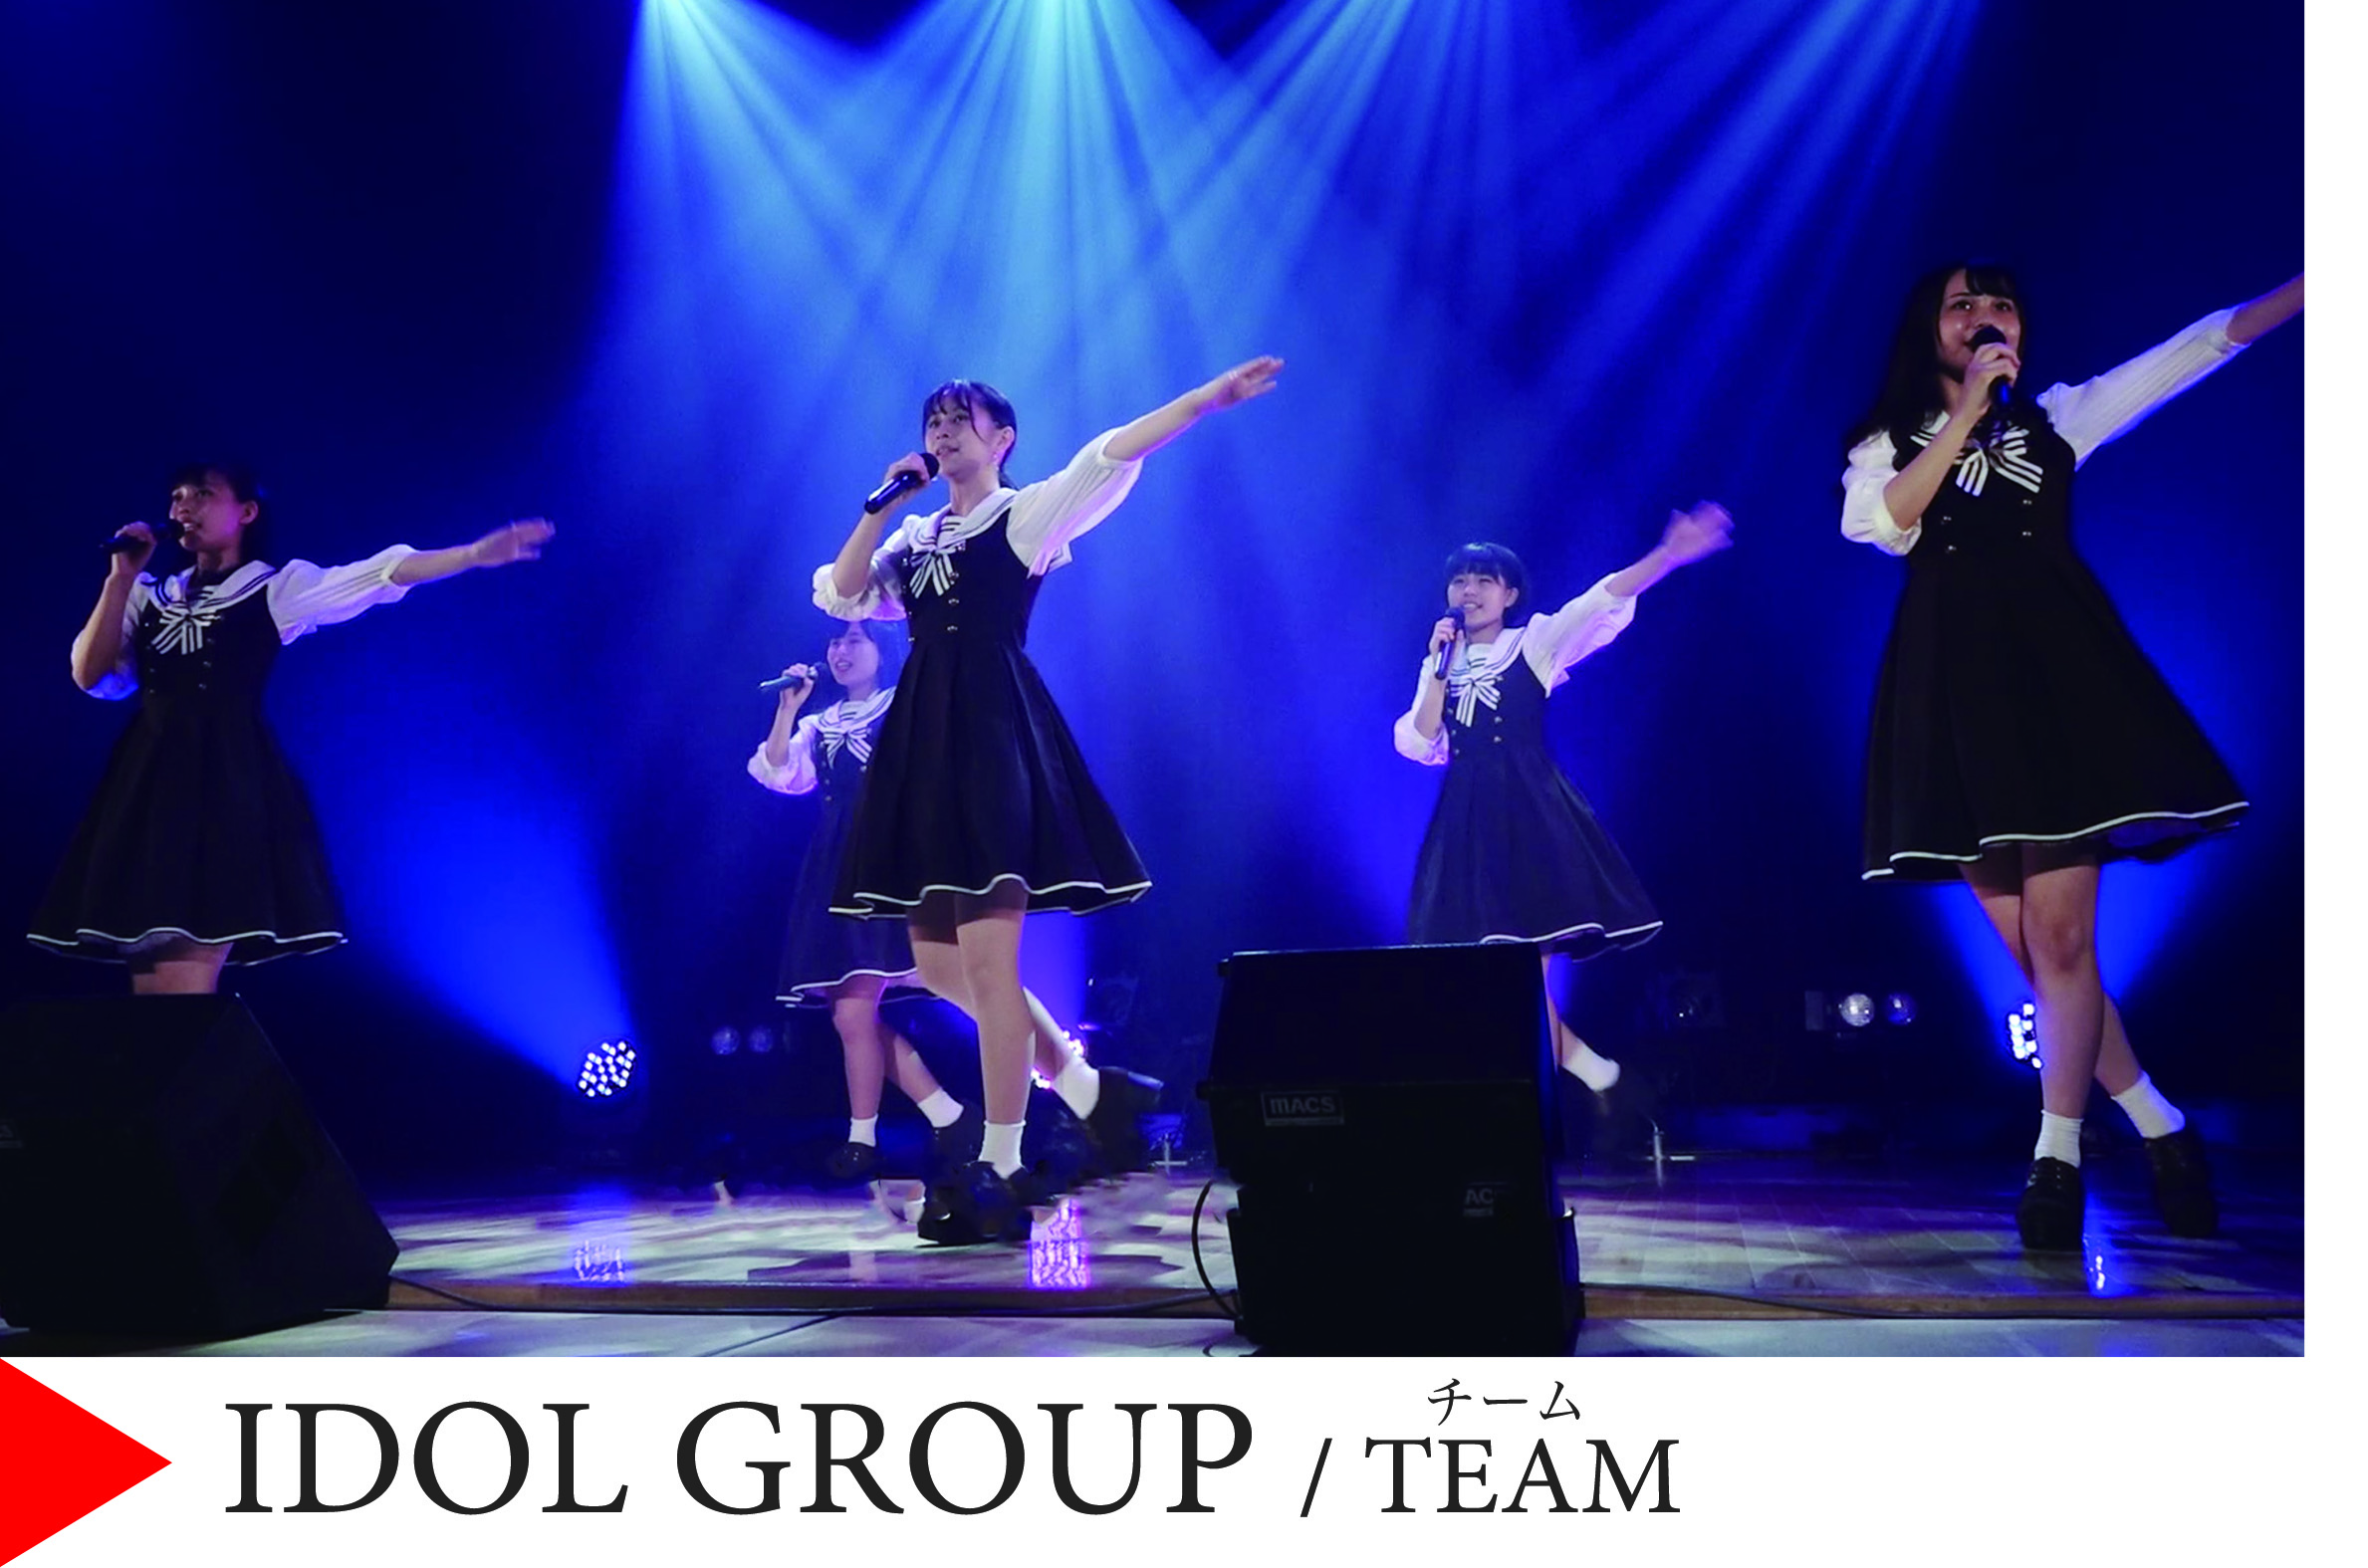 アイドルグループ